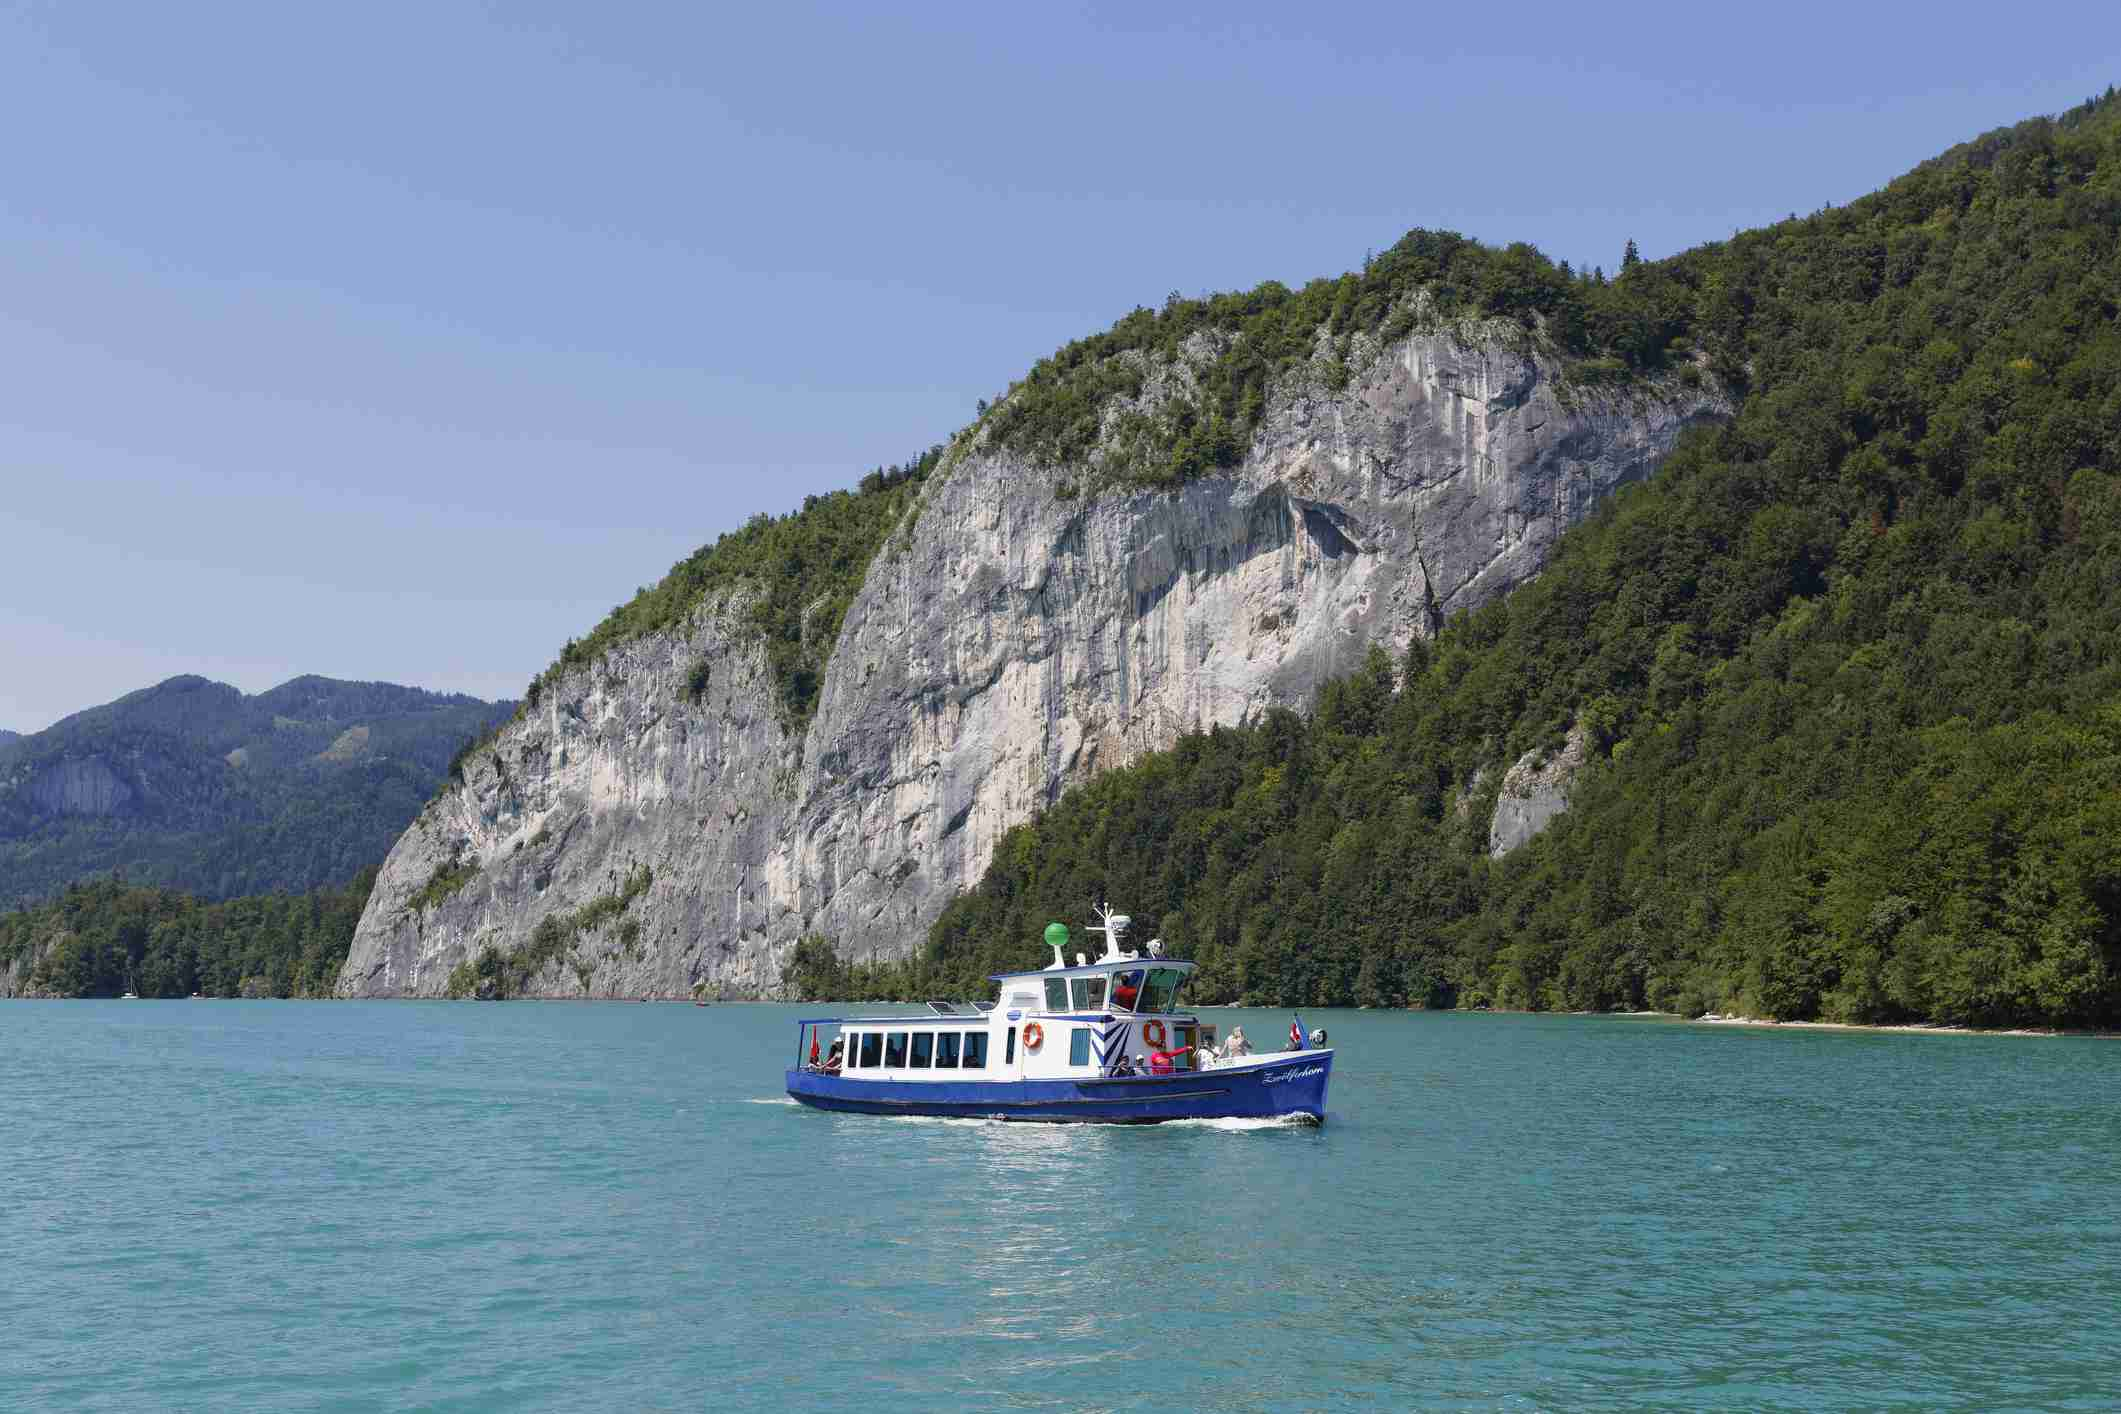 Passenger ship Zwoelferhorn in front of rock wall of Falkenstein, Lake Wolfgangsee, Salzkammergut, Austria